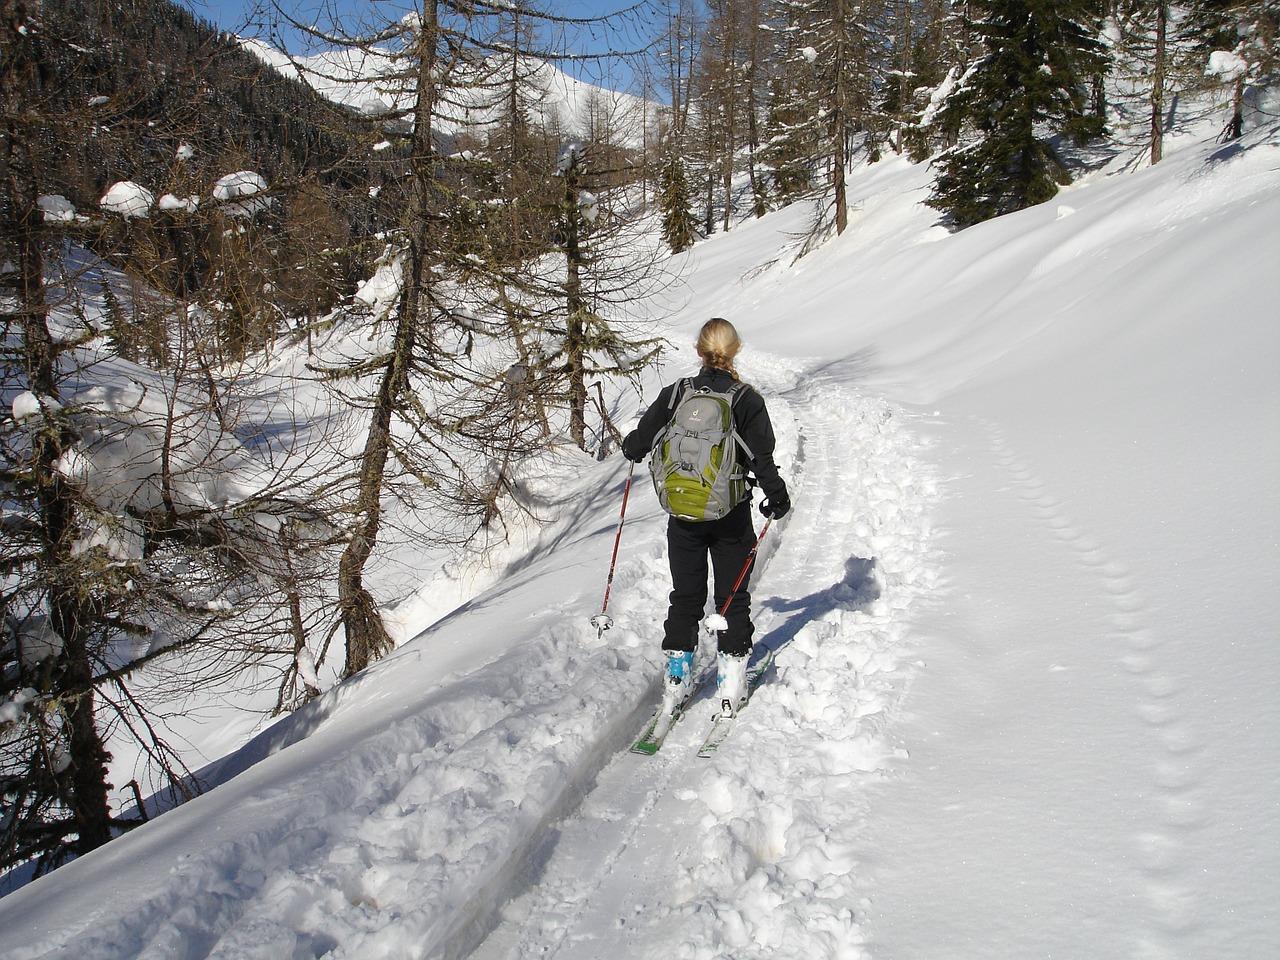 Unterwegs auf Skiern © pixabay